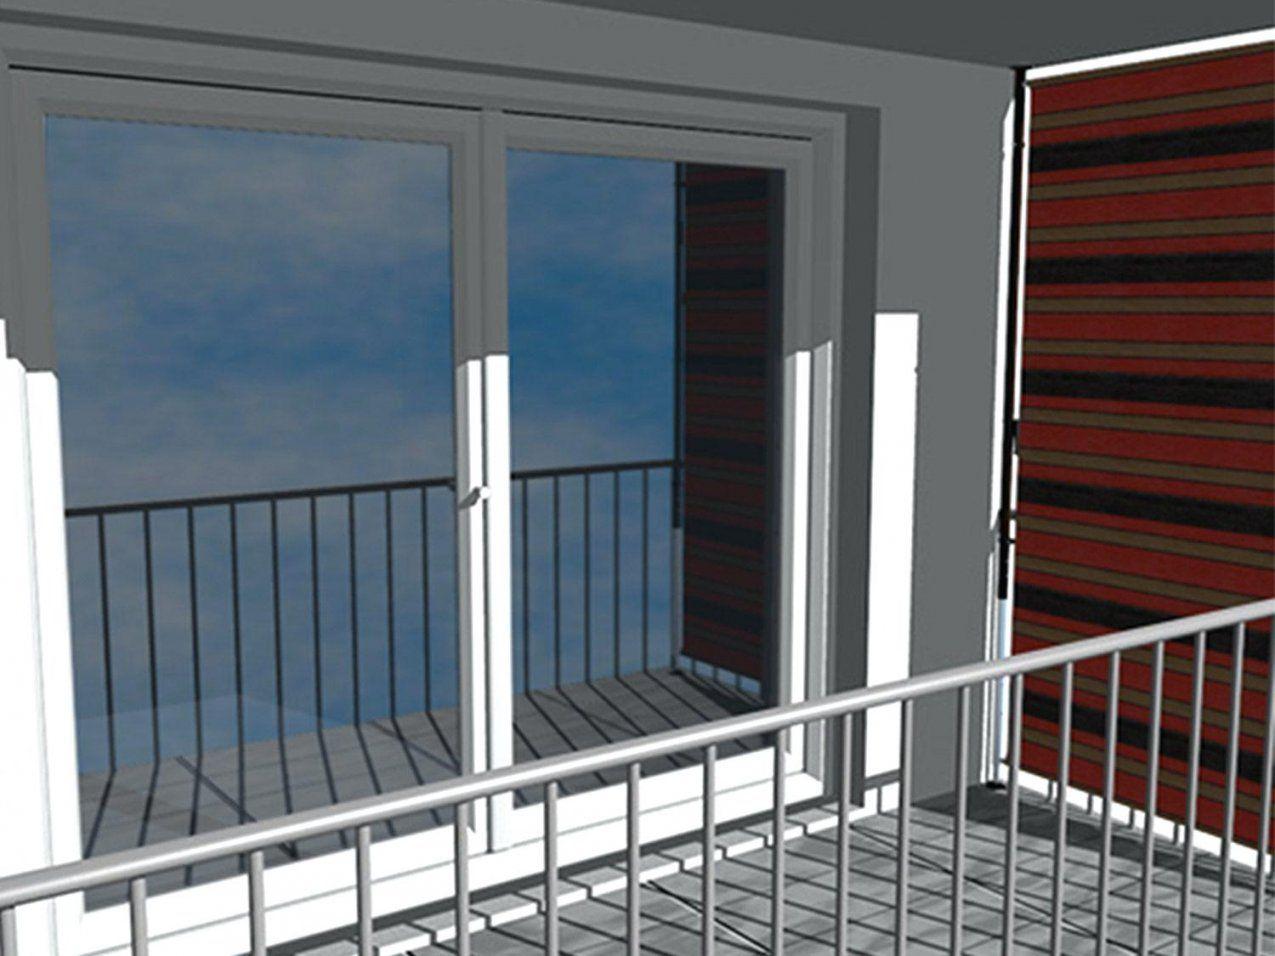 Seiten Sichtschutz Balkon Angerer Design Nr Lidl Deutschland Ideen von Seiten Sichtschutz Balkon Ohne Bohren Photo